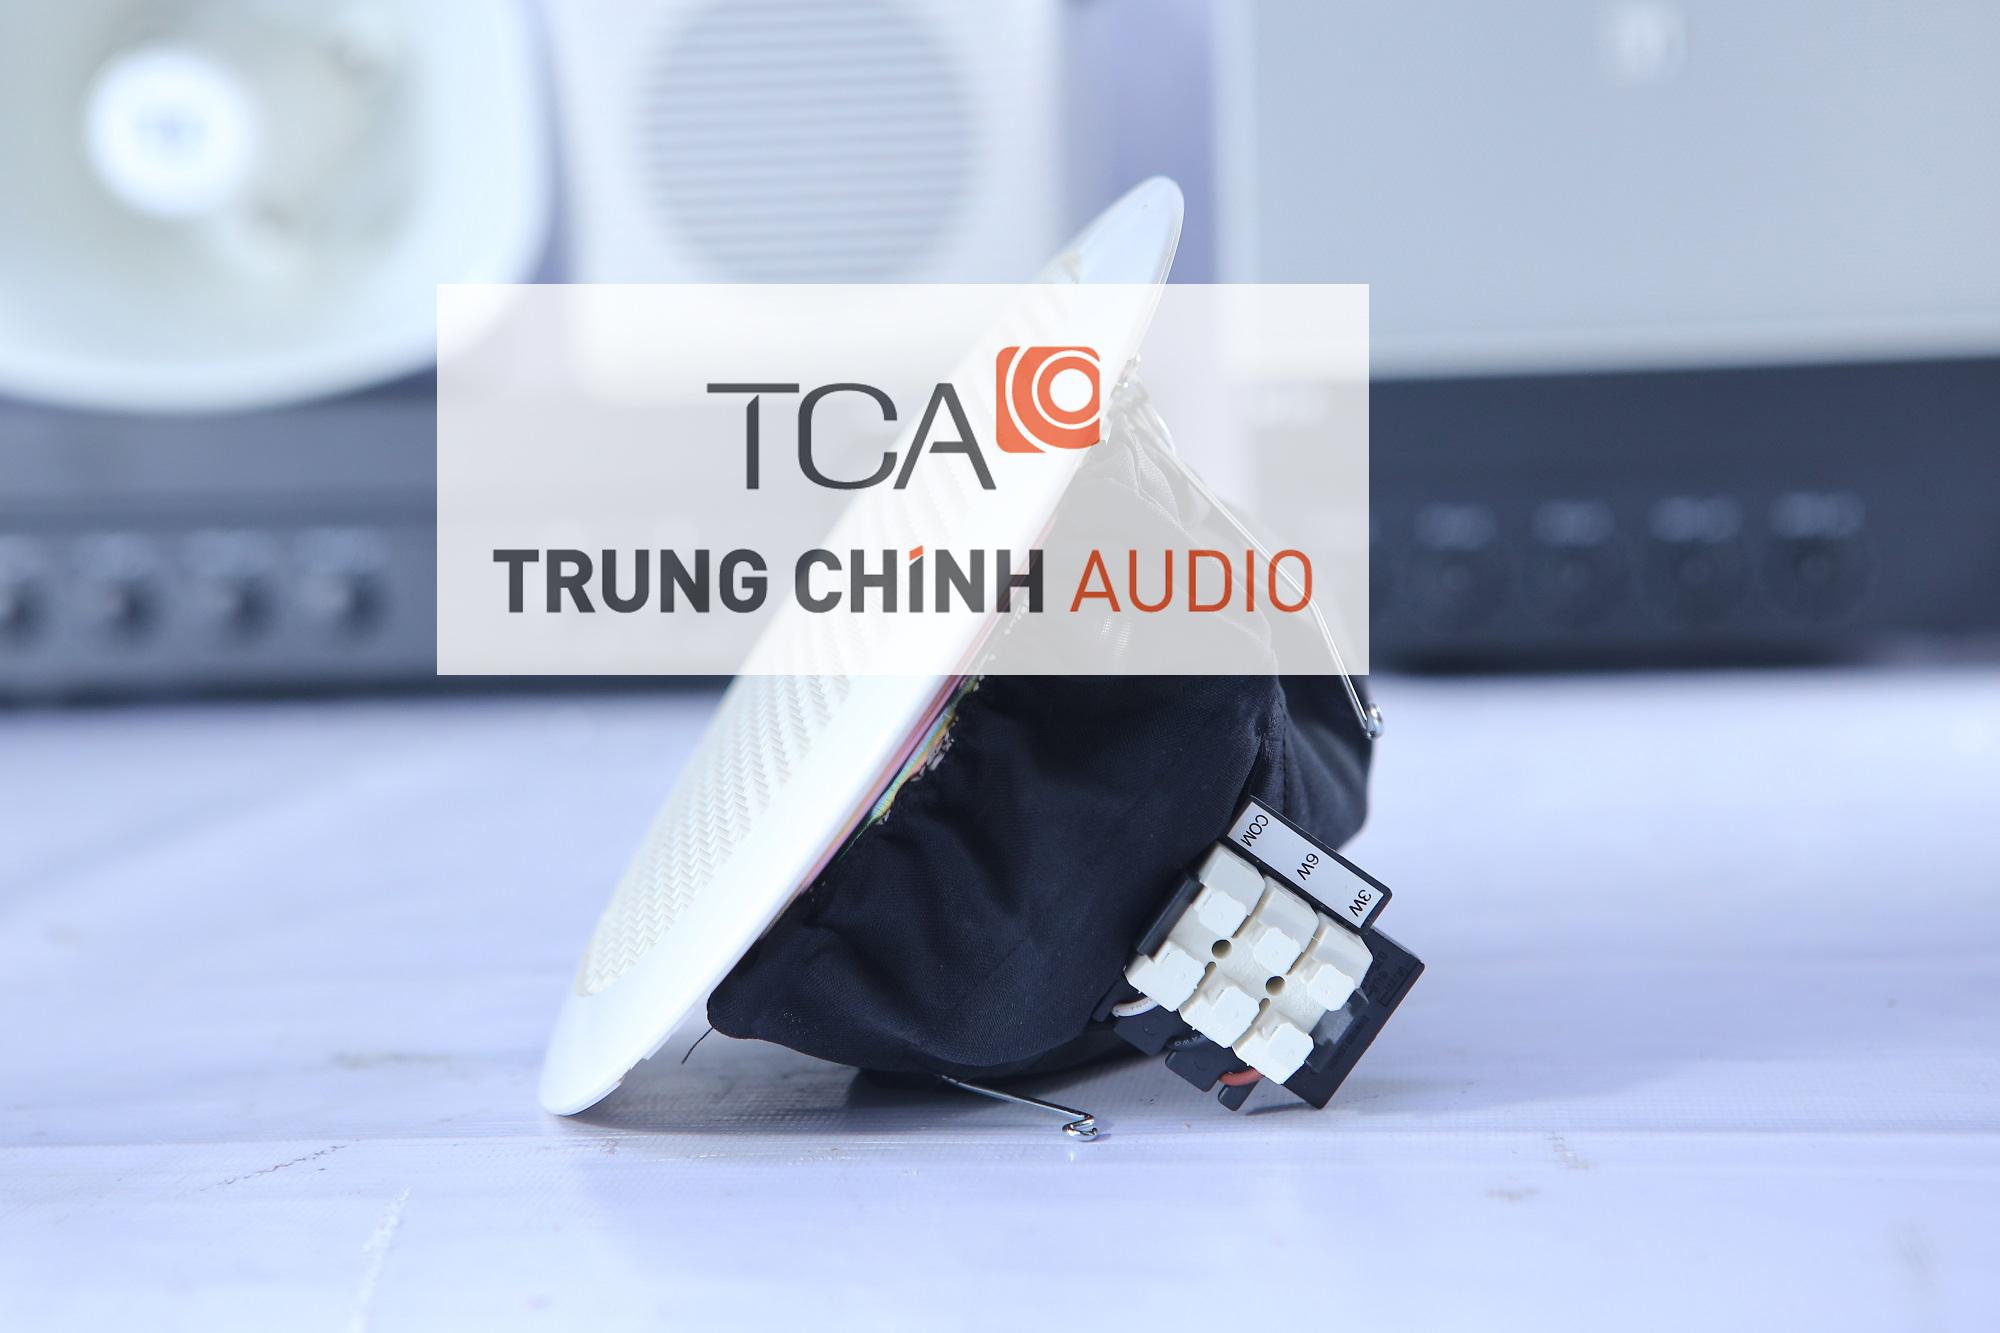 Loa gắn trần TOA PC-1864 là sản phẩm được ưu chuộng hàng đầu của TOA